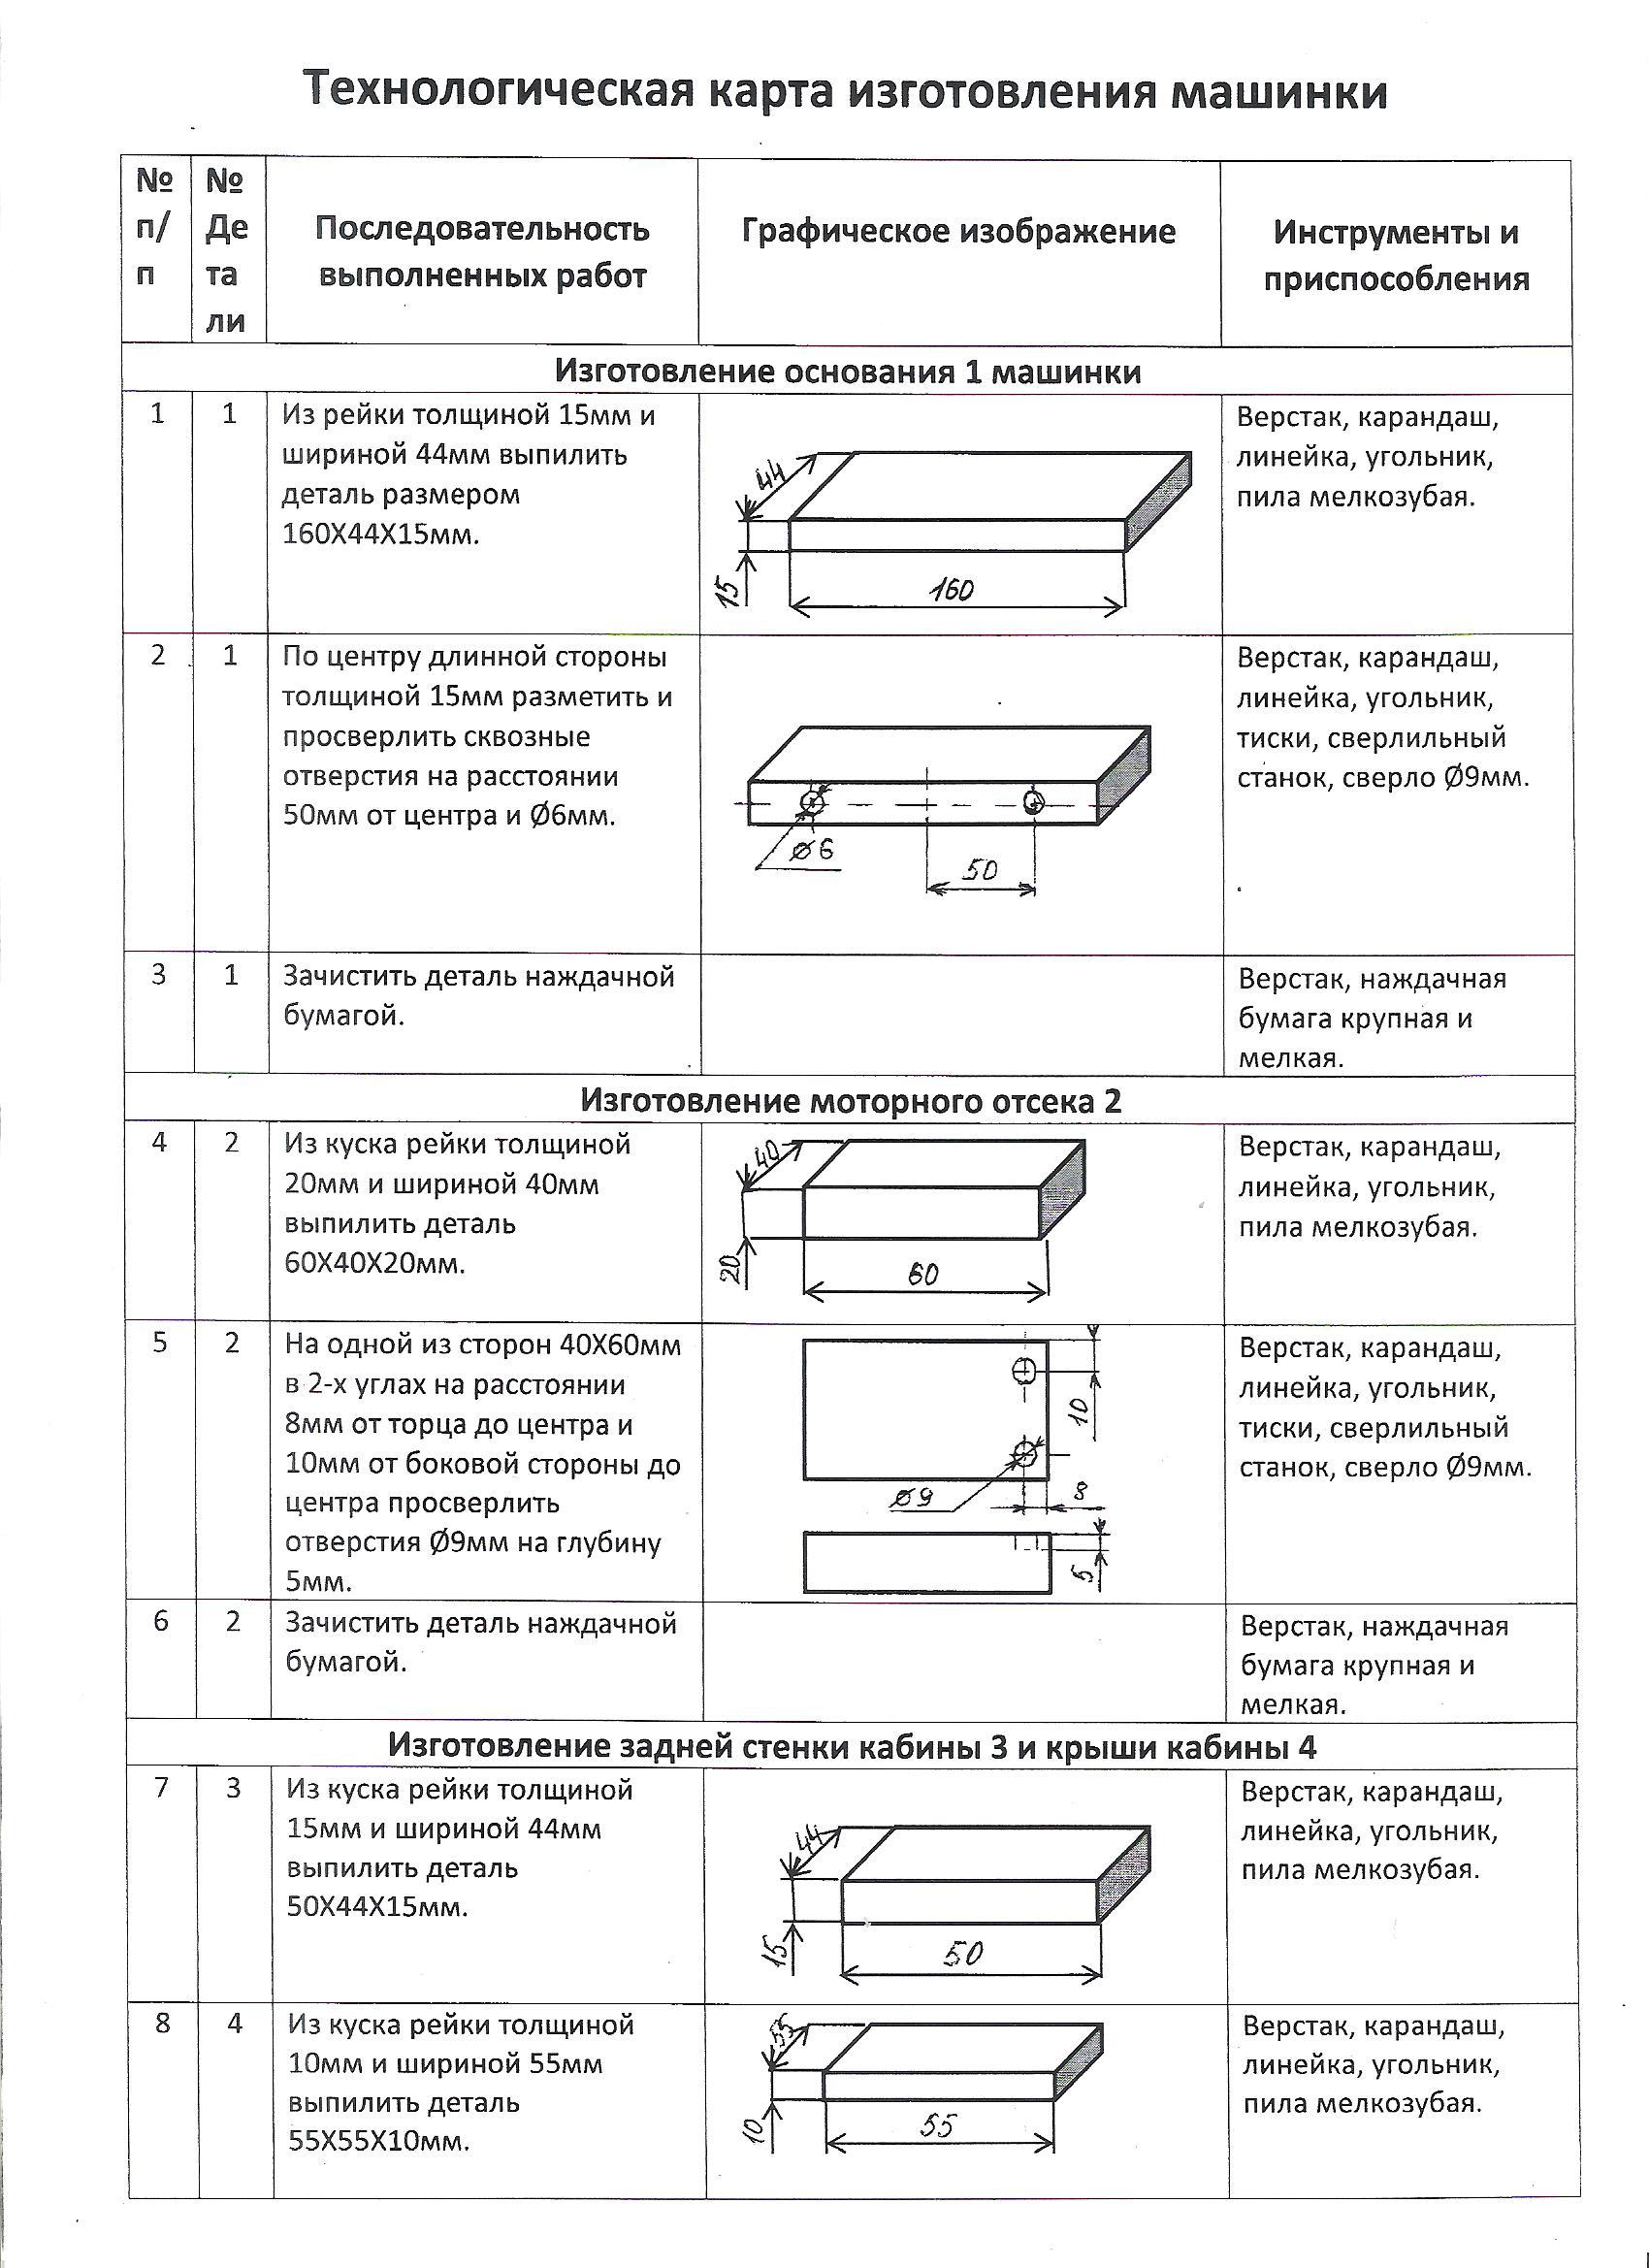 K:\Технологическая карта изготовления машинки. Близнюк В.Ю\2.jpeg